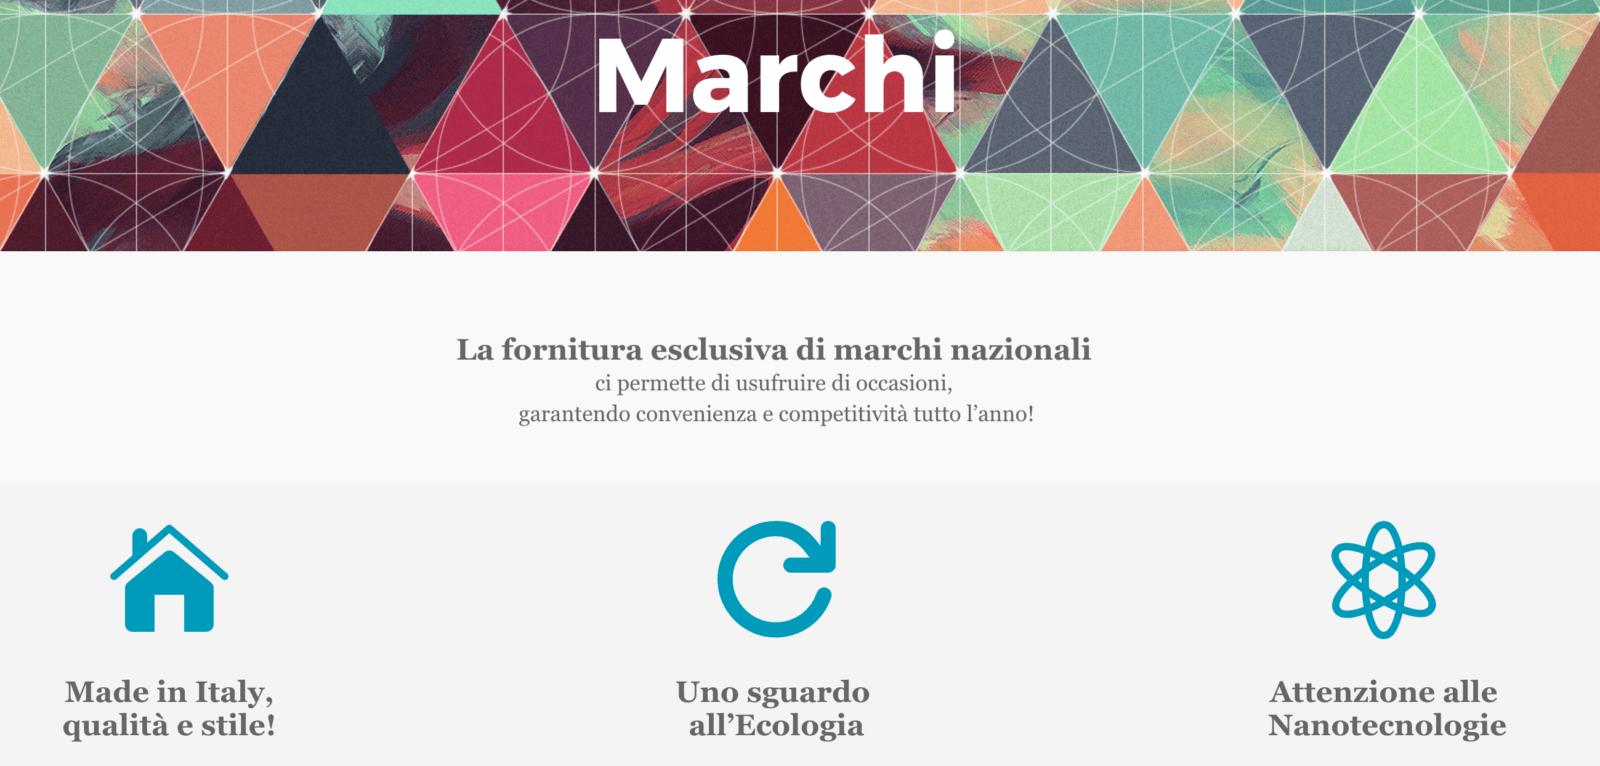 marchi | ceramiche vaccarisi - Negozi Di Arredo Bagno A Siracusa